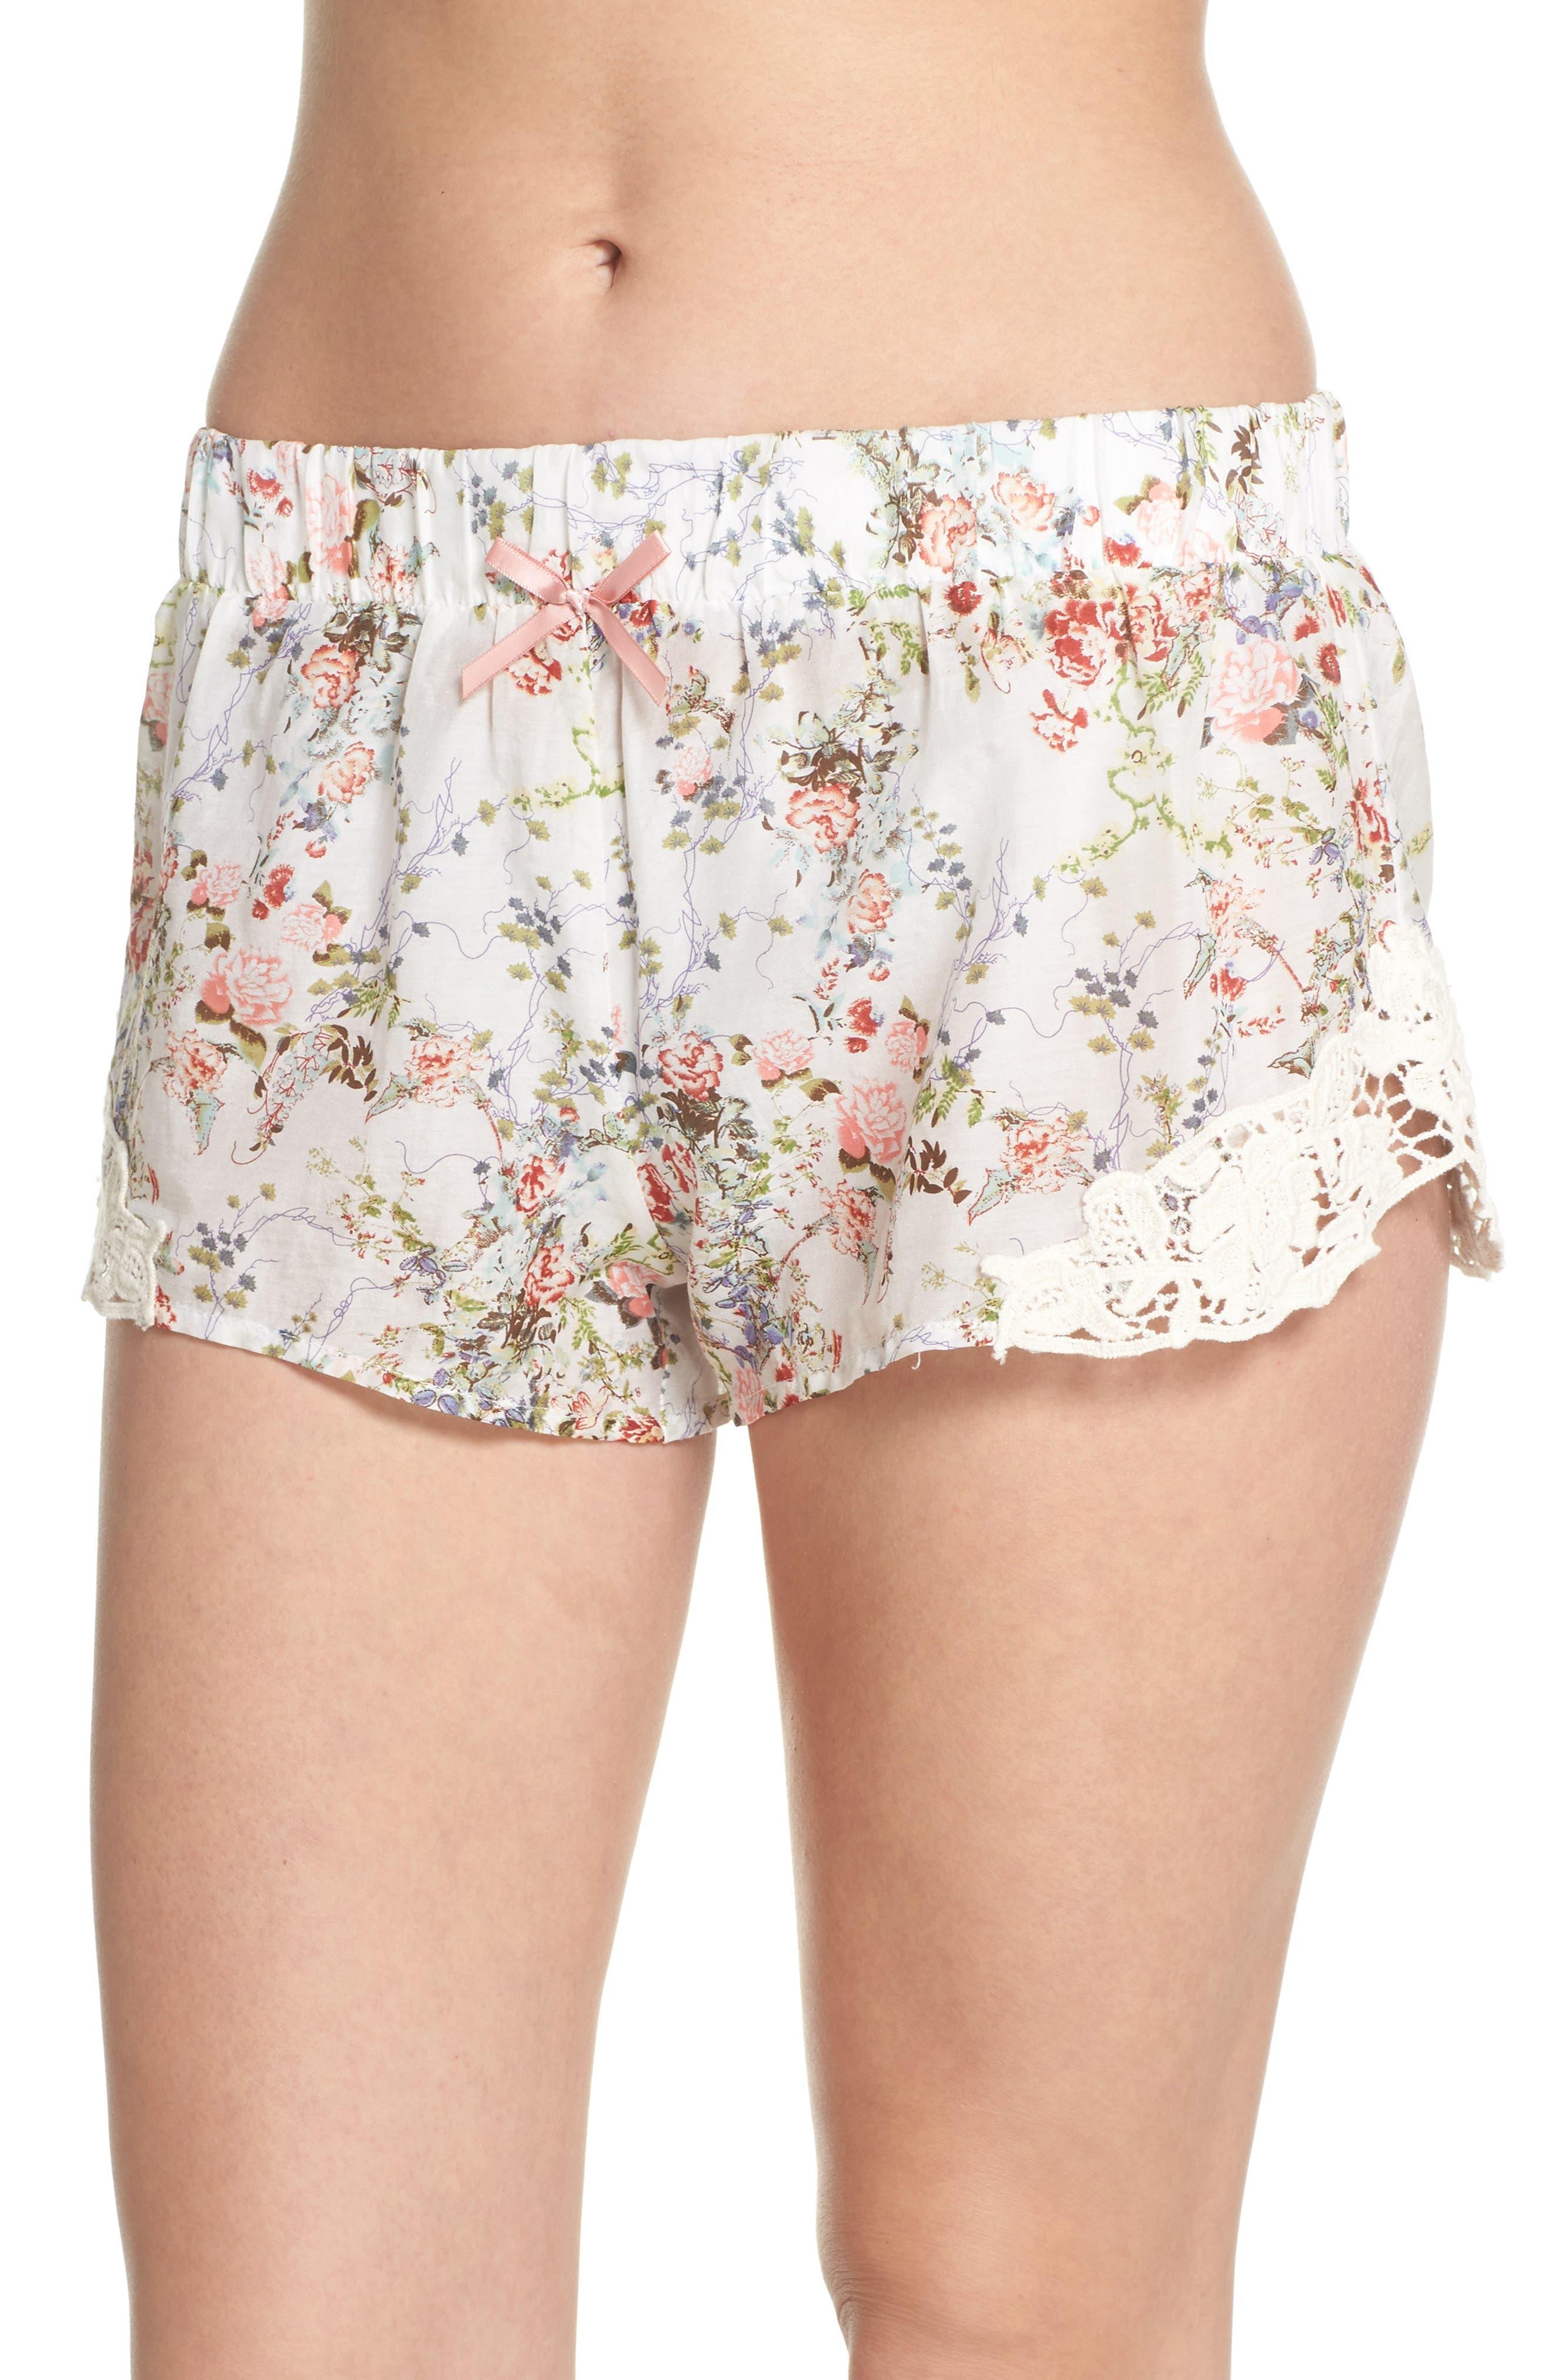 Yolly Floral Pajama Shorts,                             Main thumbnail 1, color,                             901